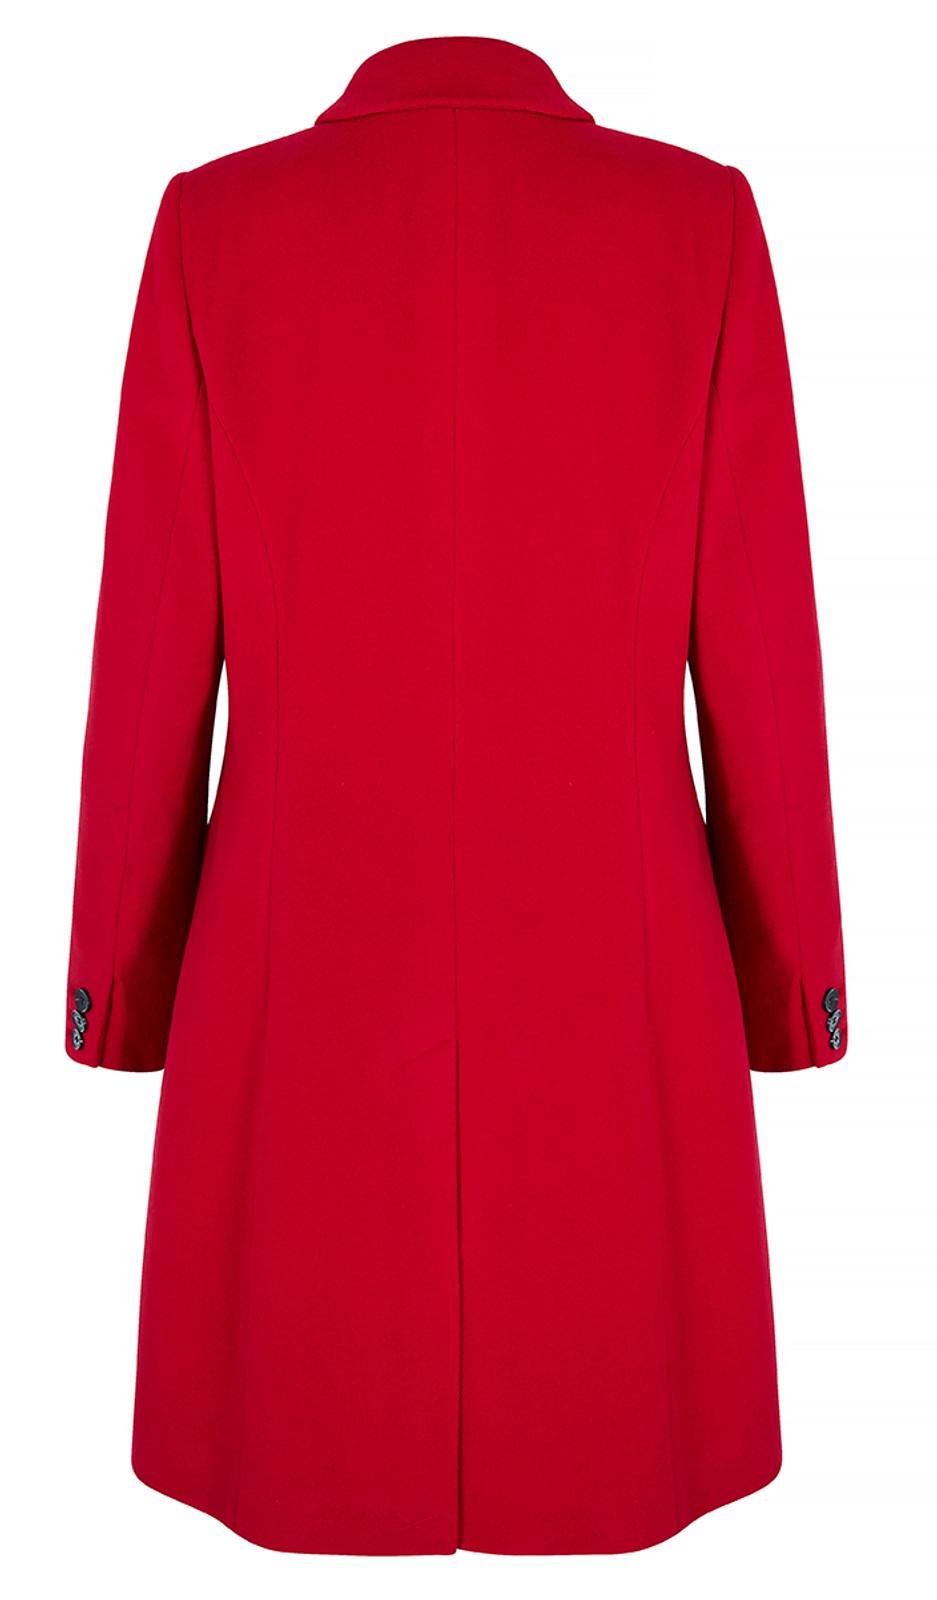 Top Stitch City Coat, Red